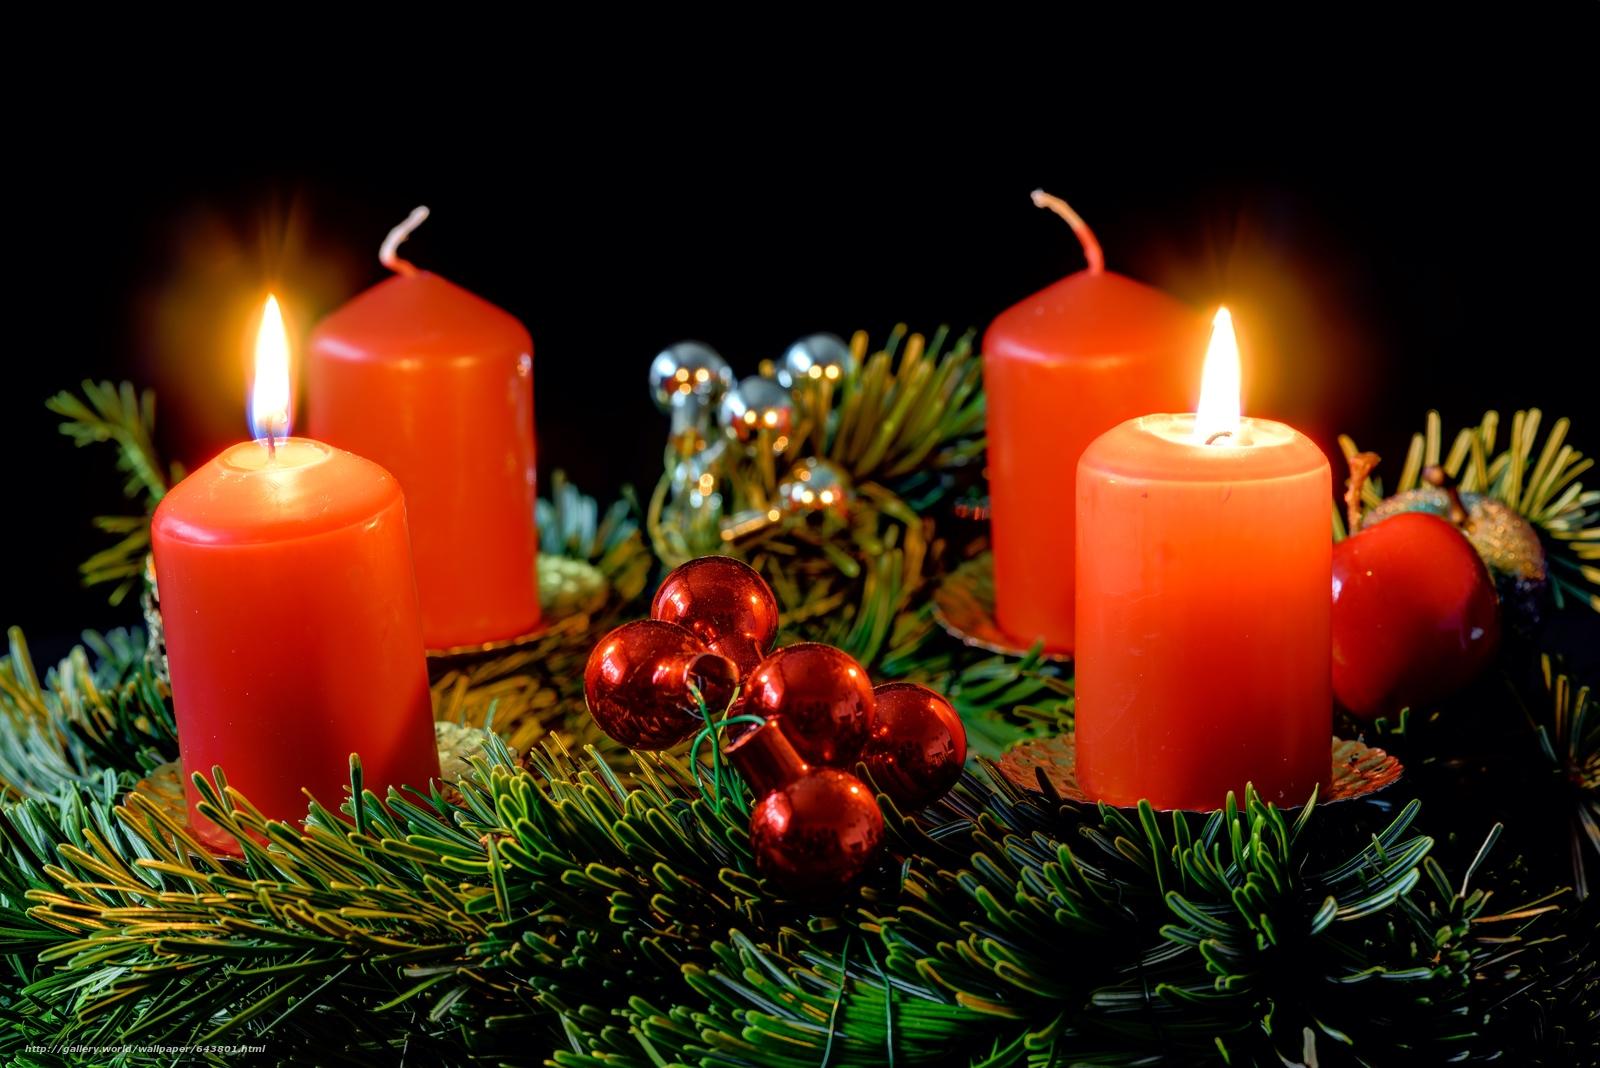 Скачать обои новый год,  рождество,  новогодние обои,  свечи бесплатно для рабочего стола в разрешении 6016x4016 — картинка №643801